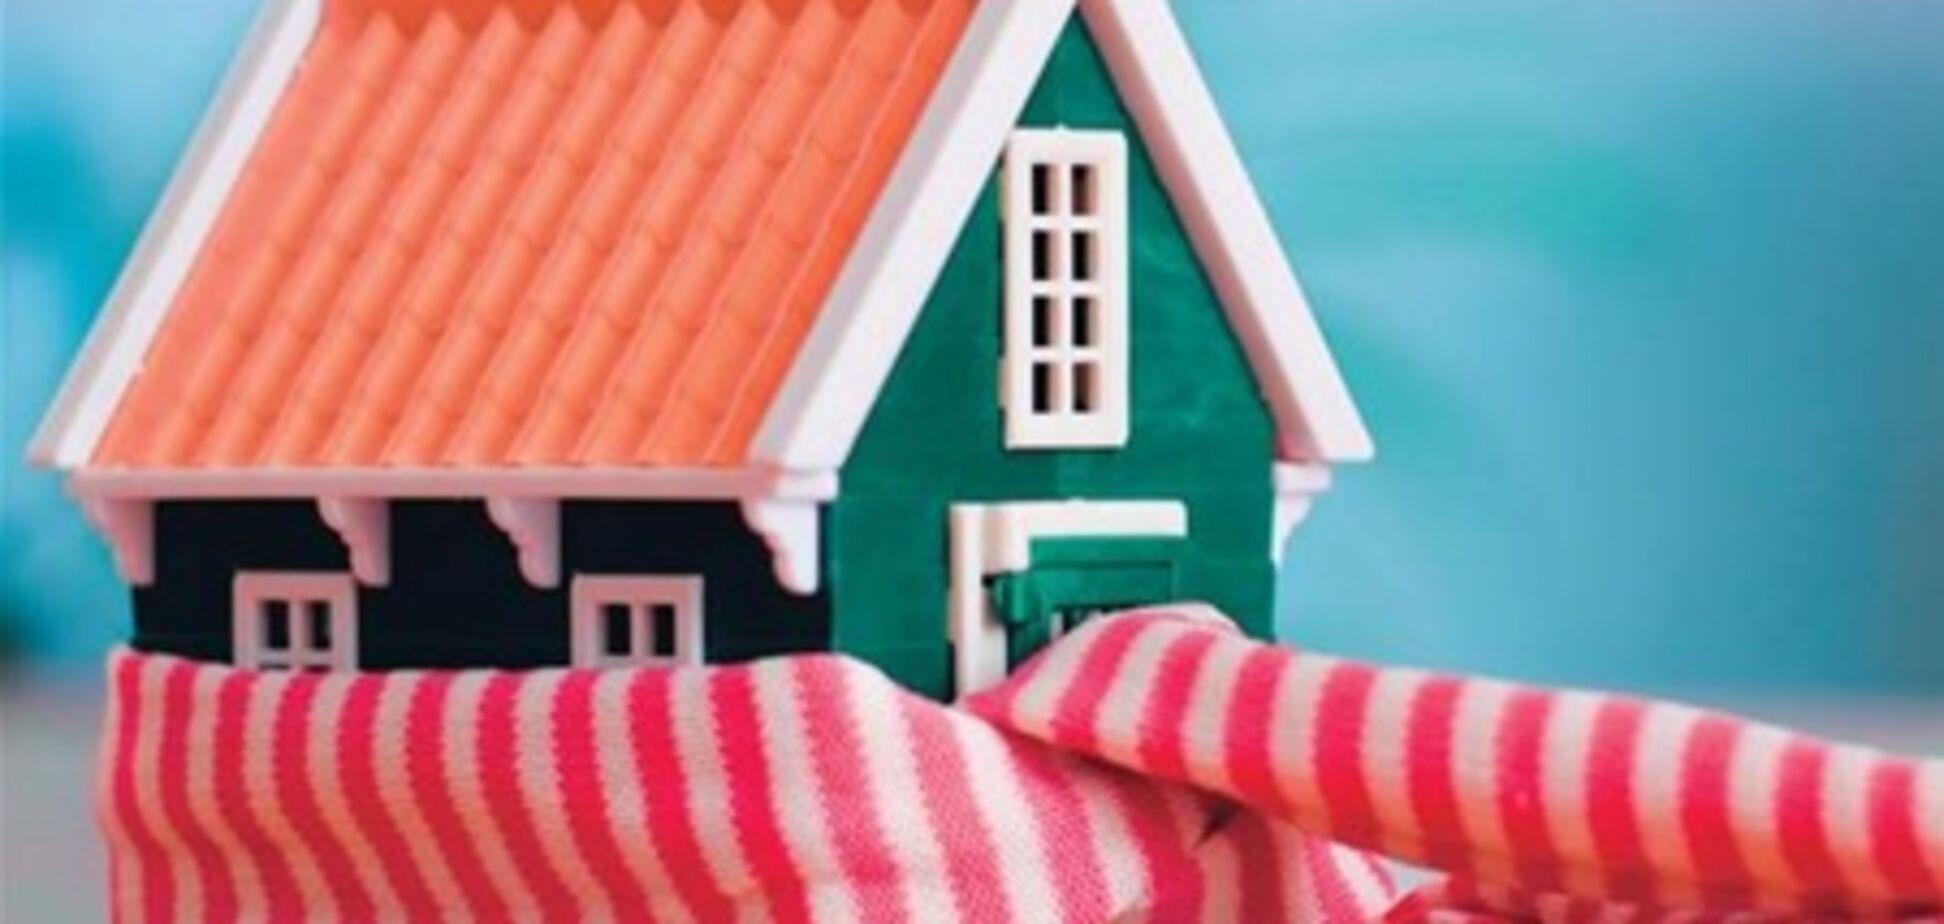 Чтобы дома было тепло: энергосберегающий интерьер